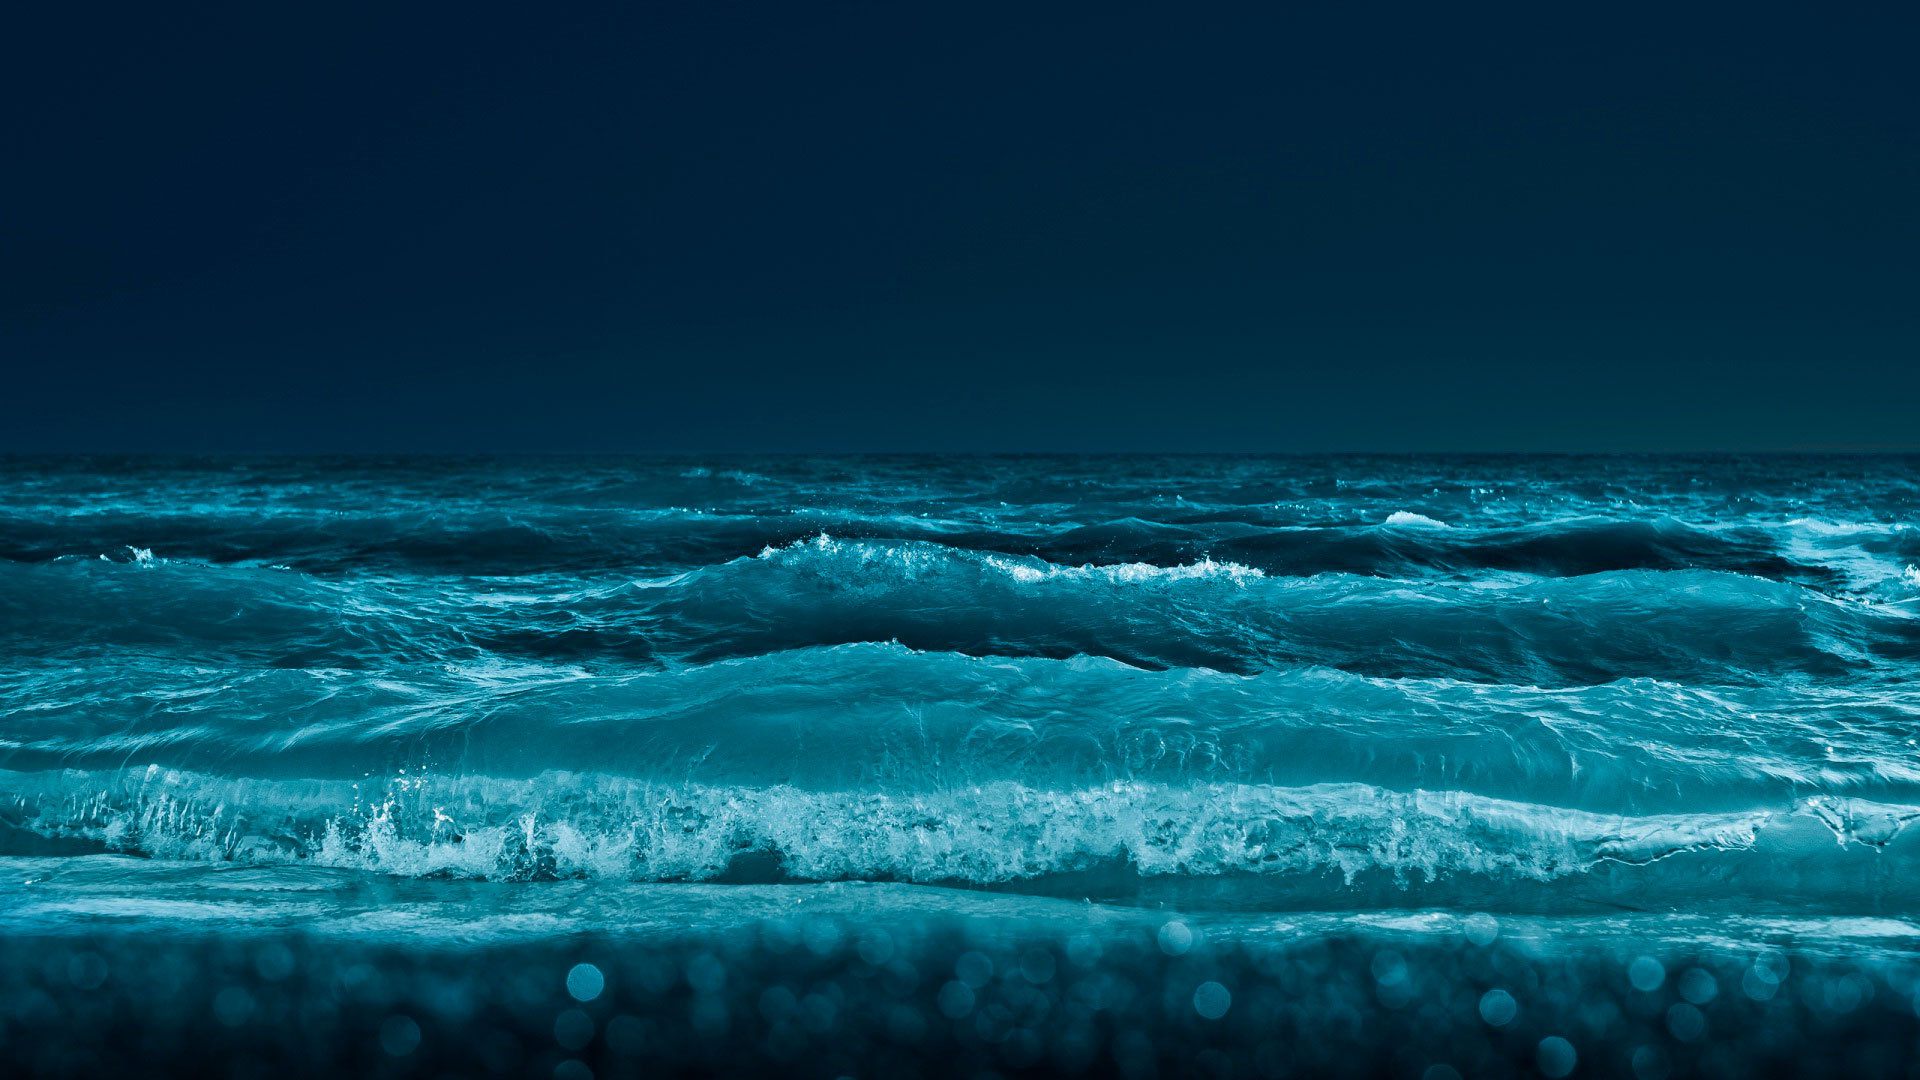 Море горы обои для рабочего стола